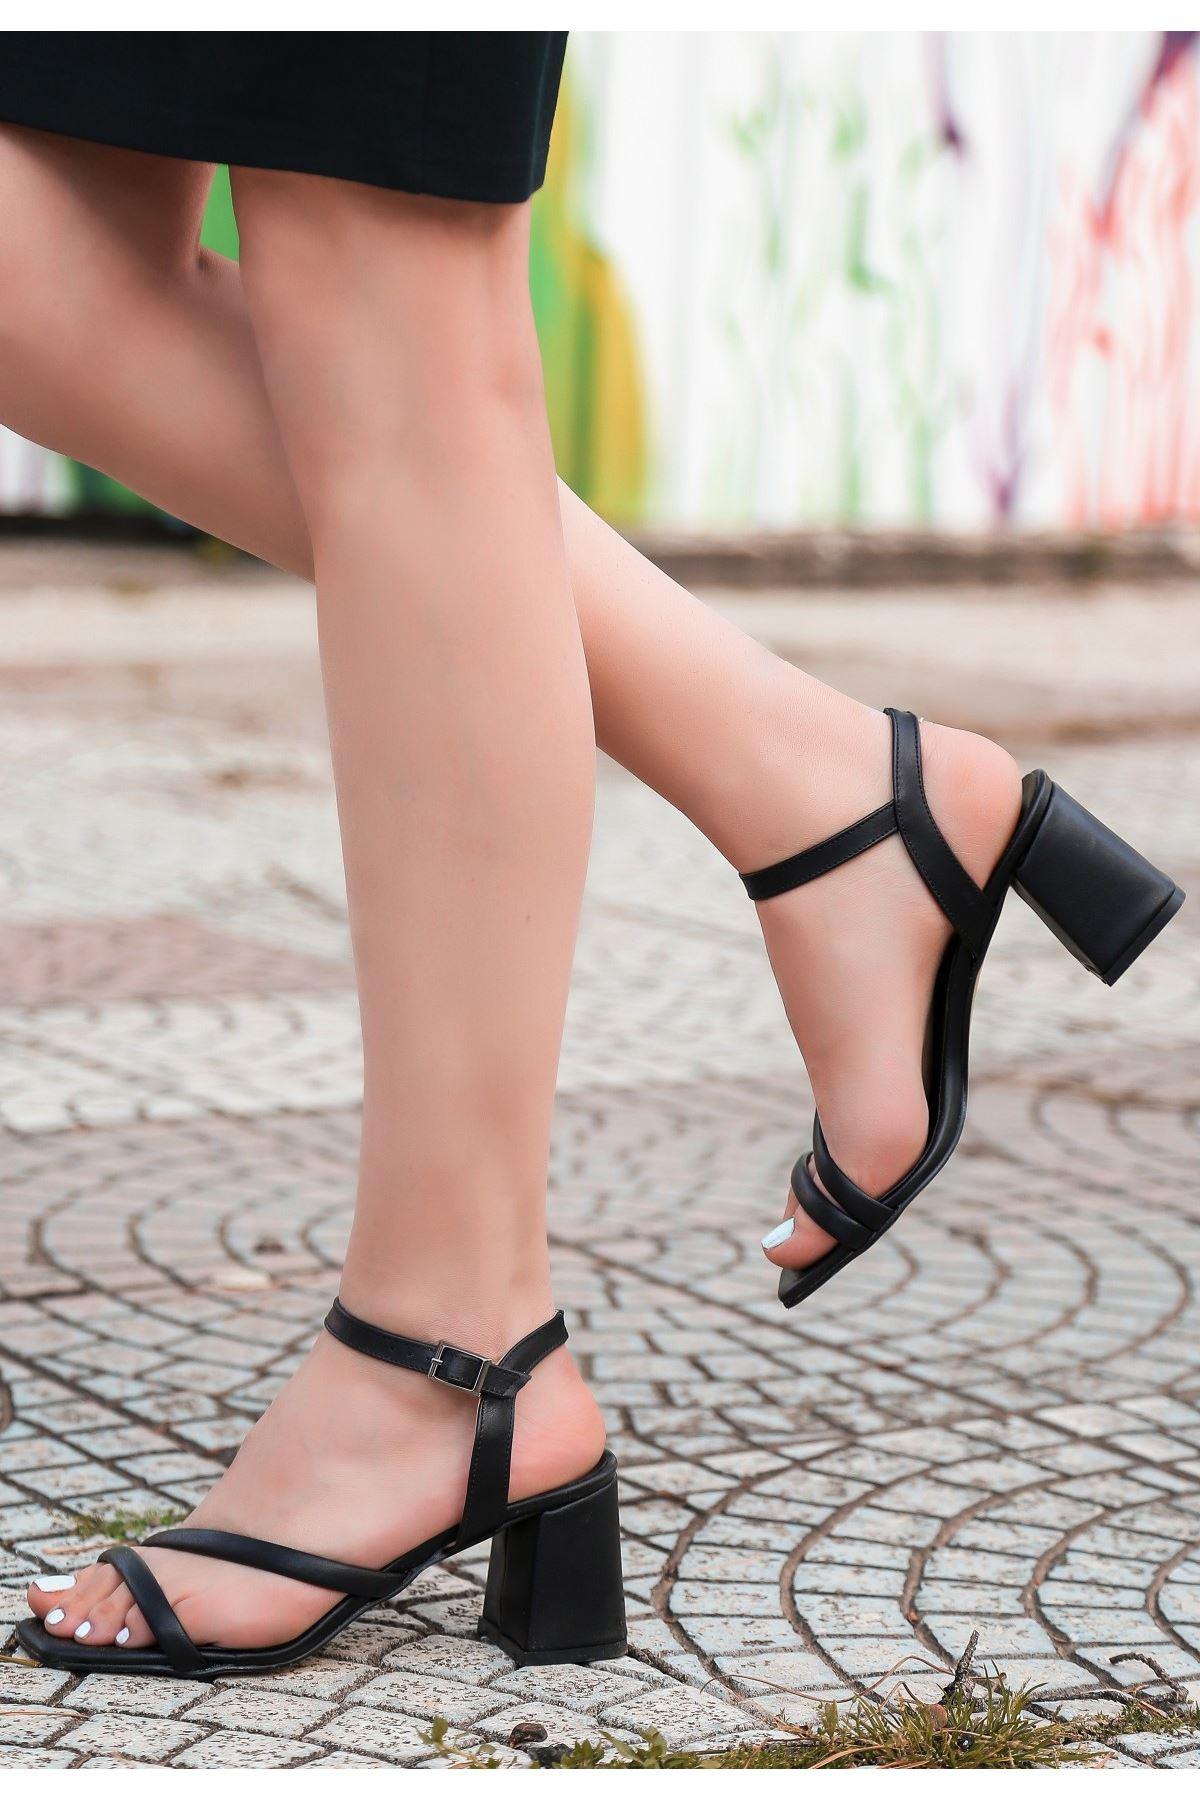 Lior Siyah Cilt Topuklu Ayakkabı